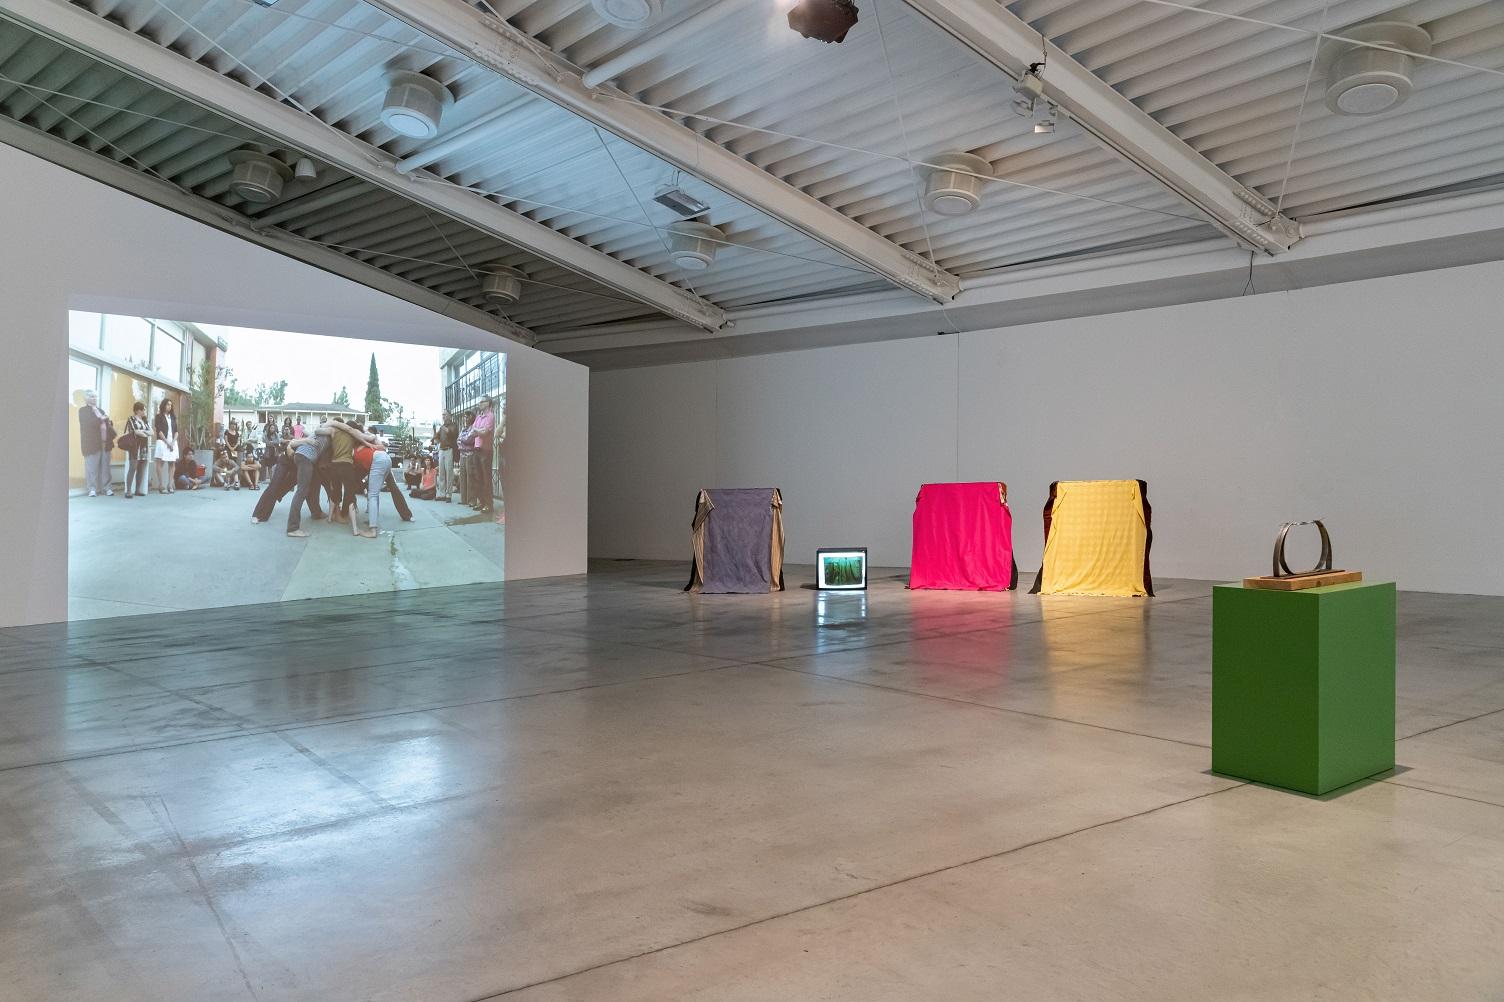 la foto a colori mostra due poltrone ricoperte rispettivamente da un telo giallo e un telo fucsia, un'opera d'arte simile ad un anello posta su un piedistallo verde chiaro e uno schermo che riproduce un'immagine di gente in lotta come nel rugby